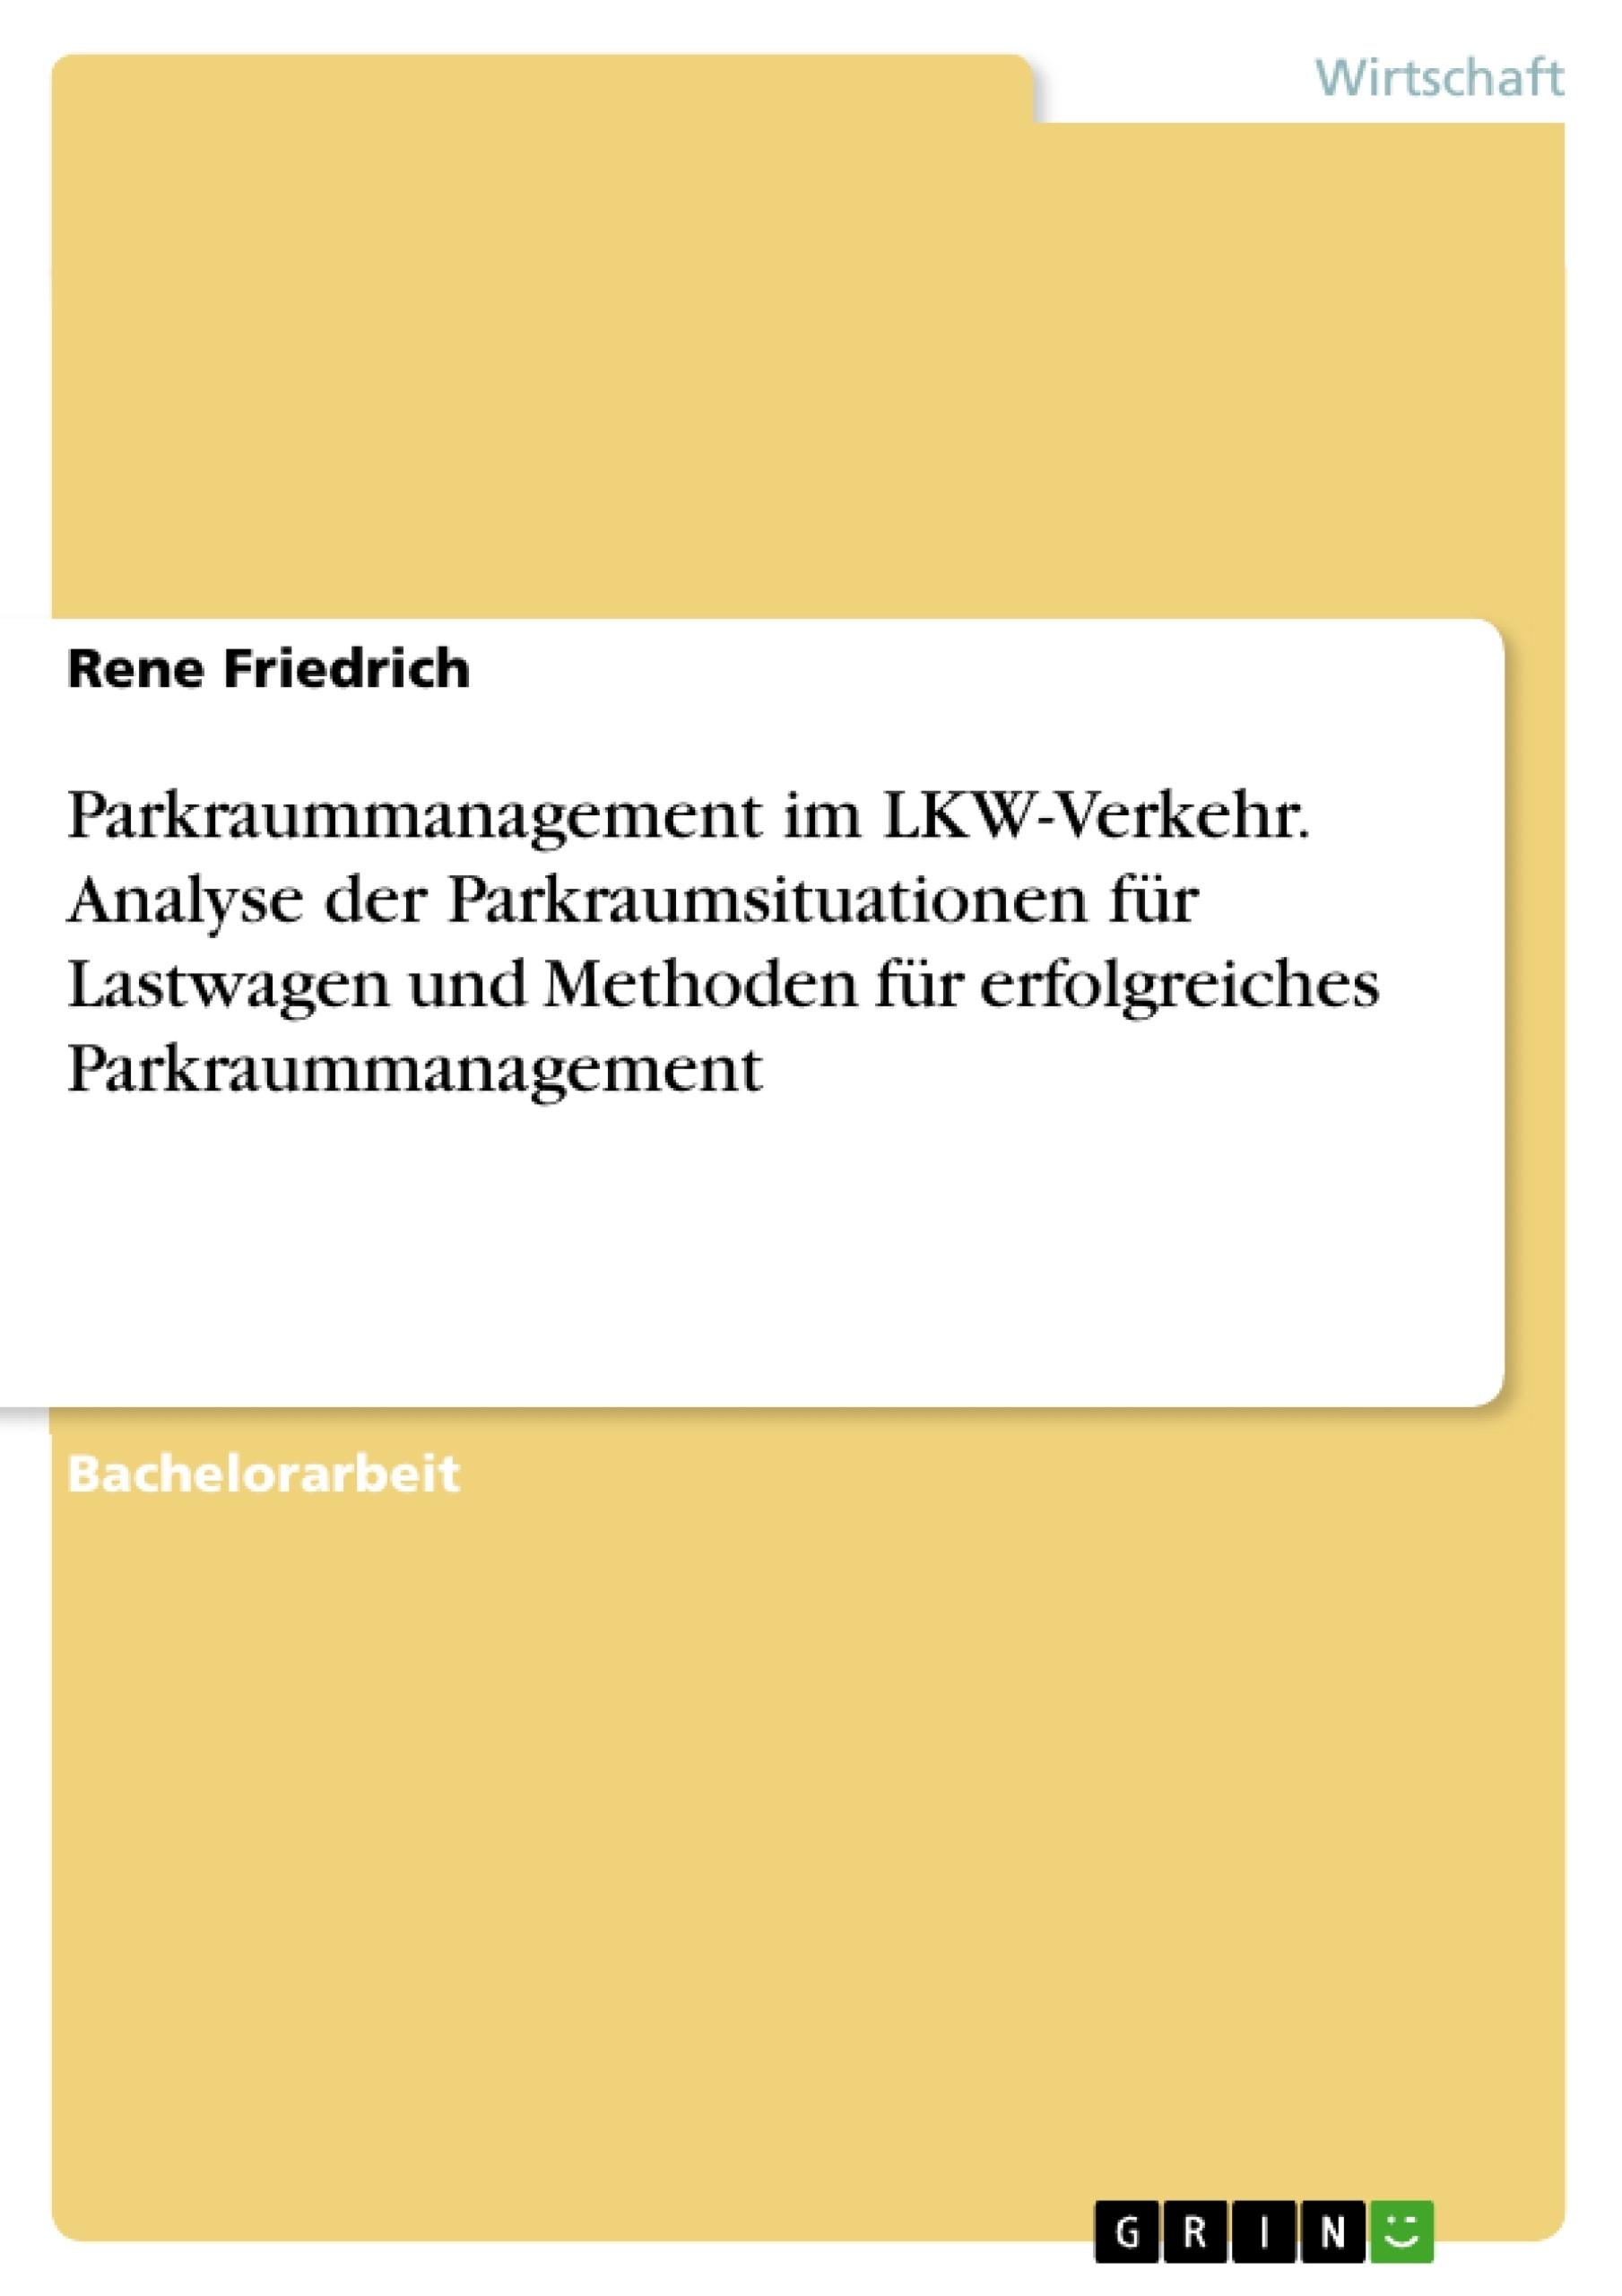 Titel: Parkraummanagement im LKW-Verkehr. Analyse der Parkraumsituationen für Lastwagen und Methoden für erfolgreiches Parkraummanagement